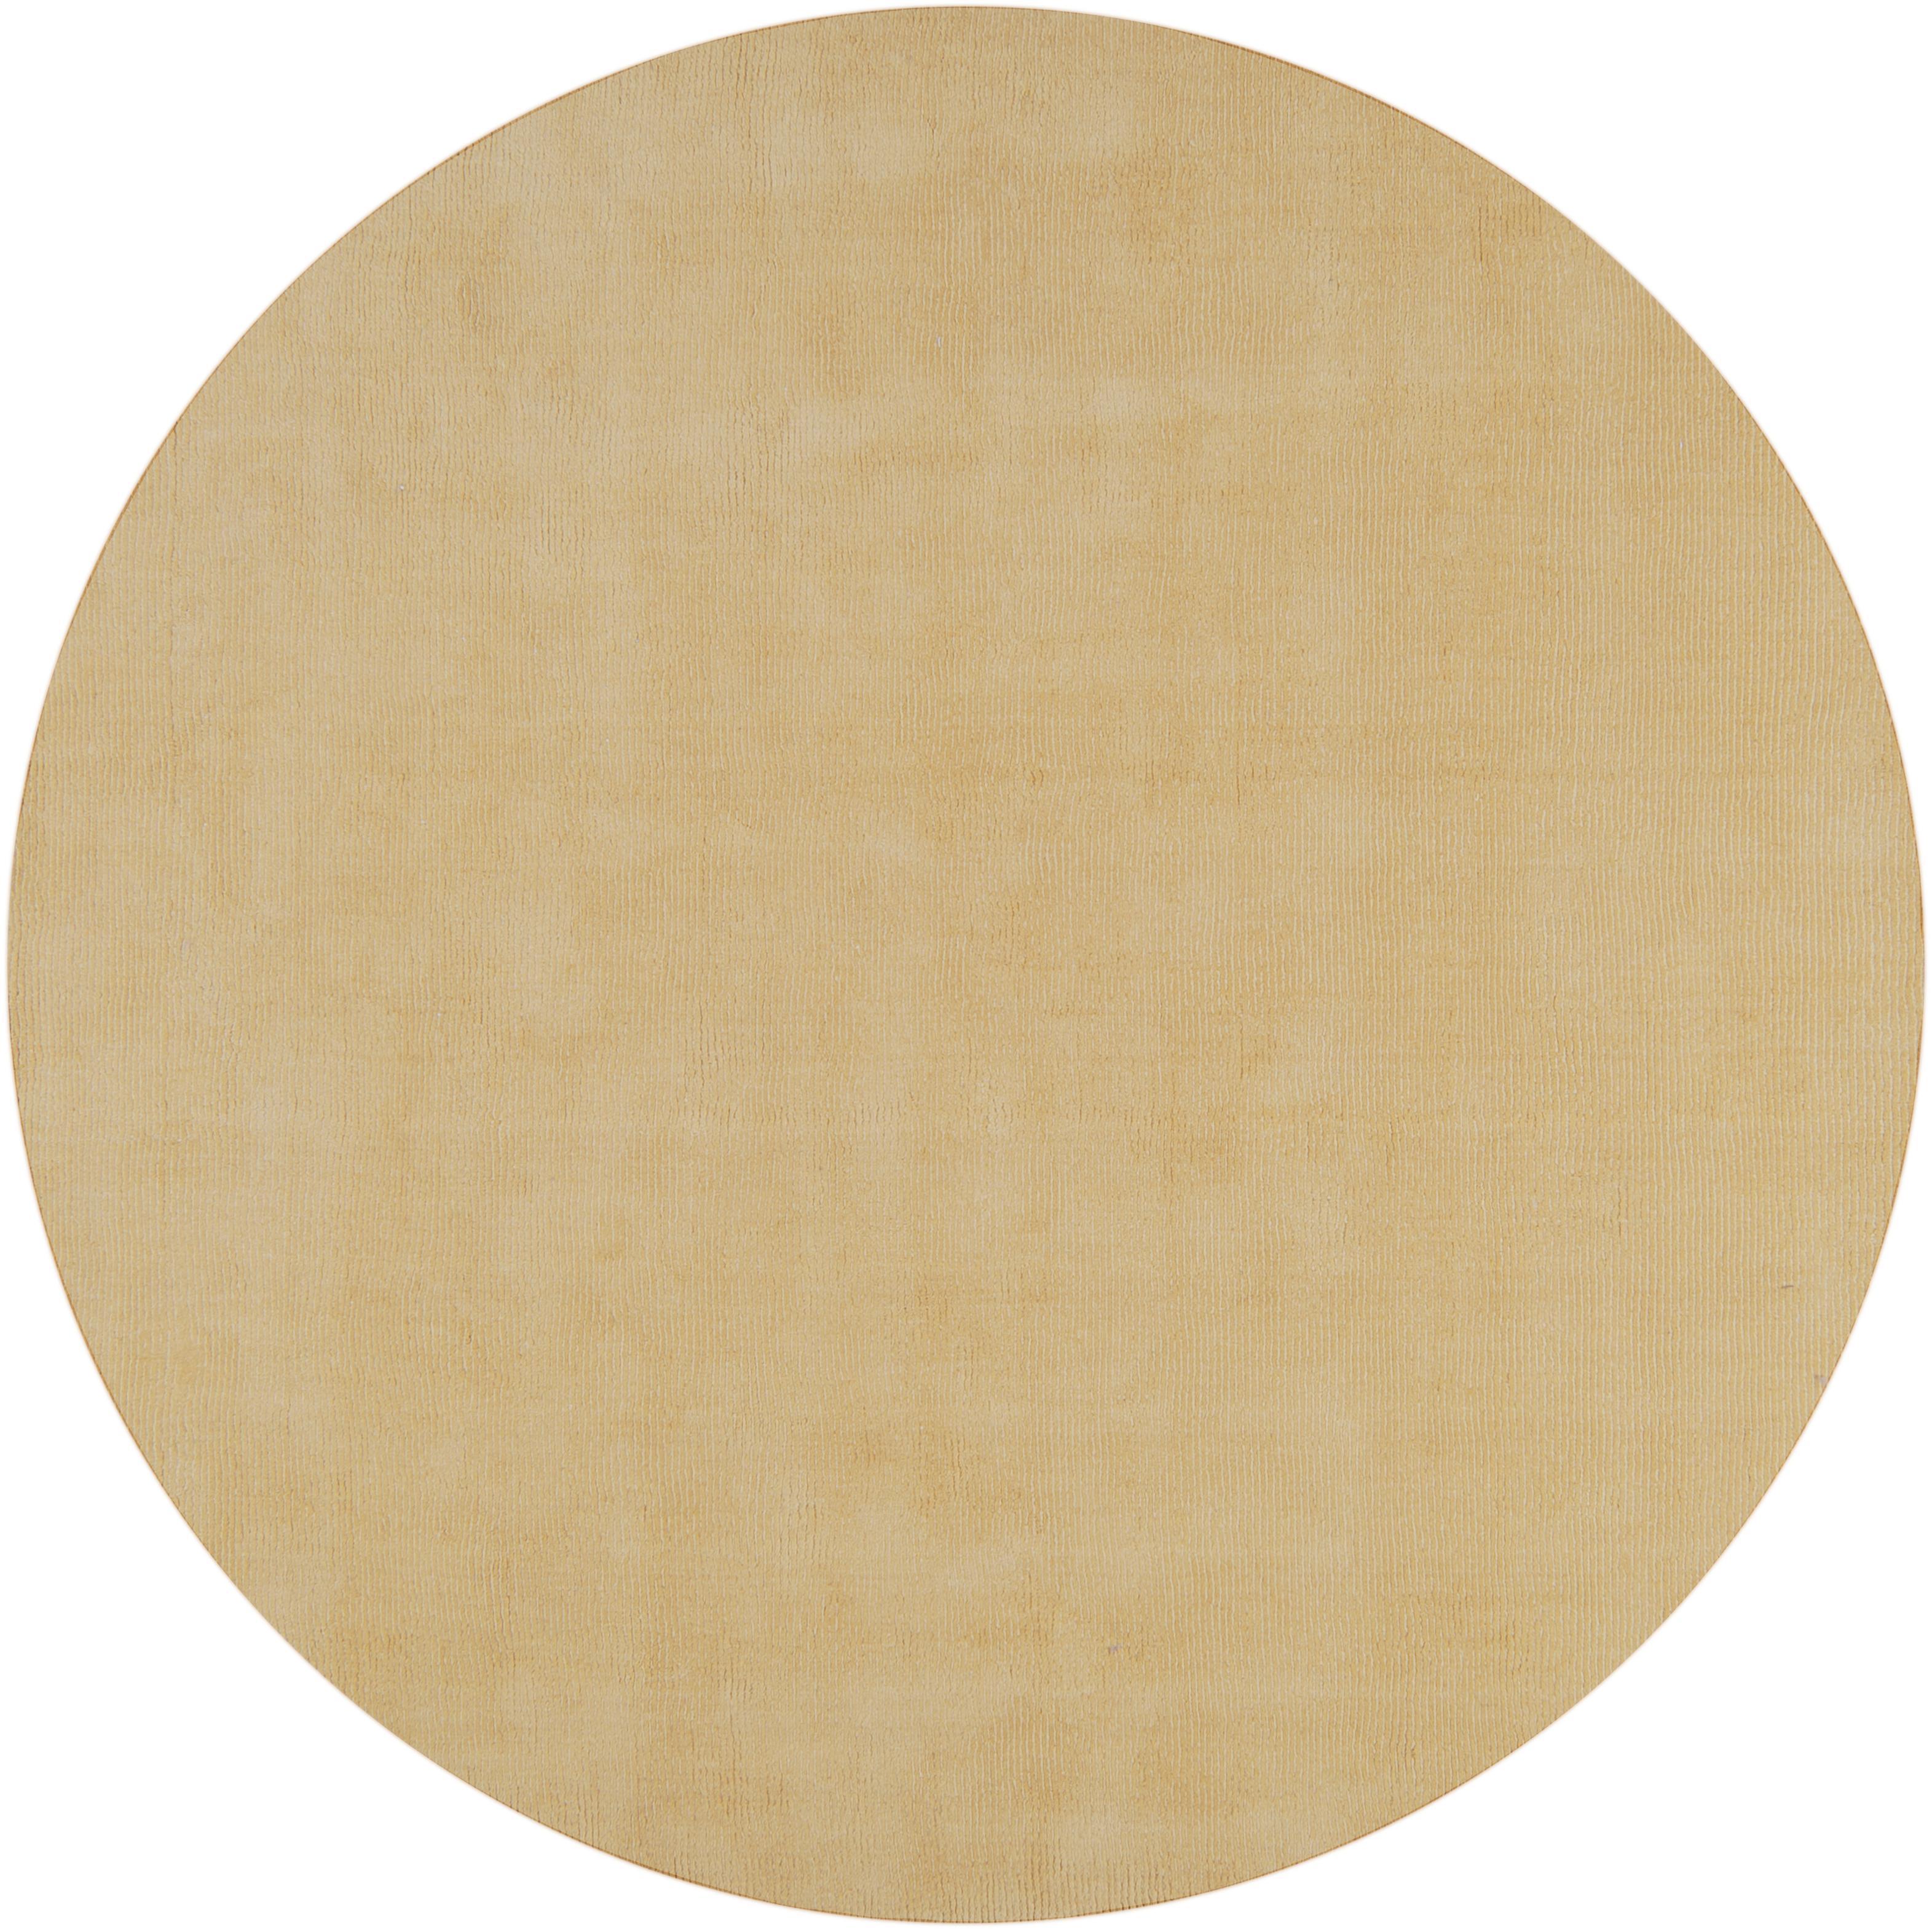 Surya Mystique 8' Round - Item Number: M327-8RD